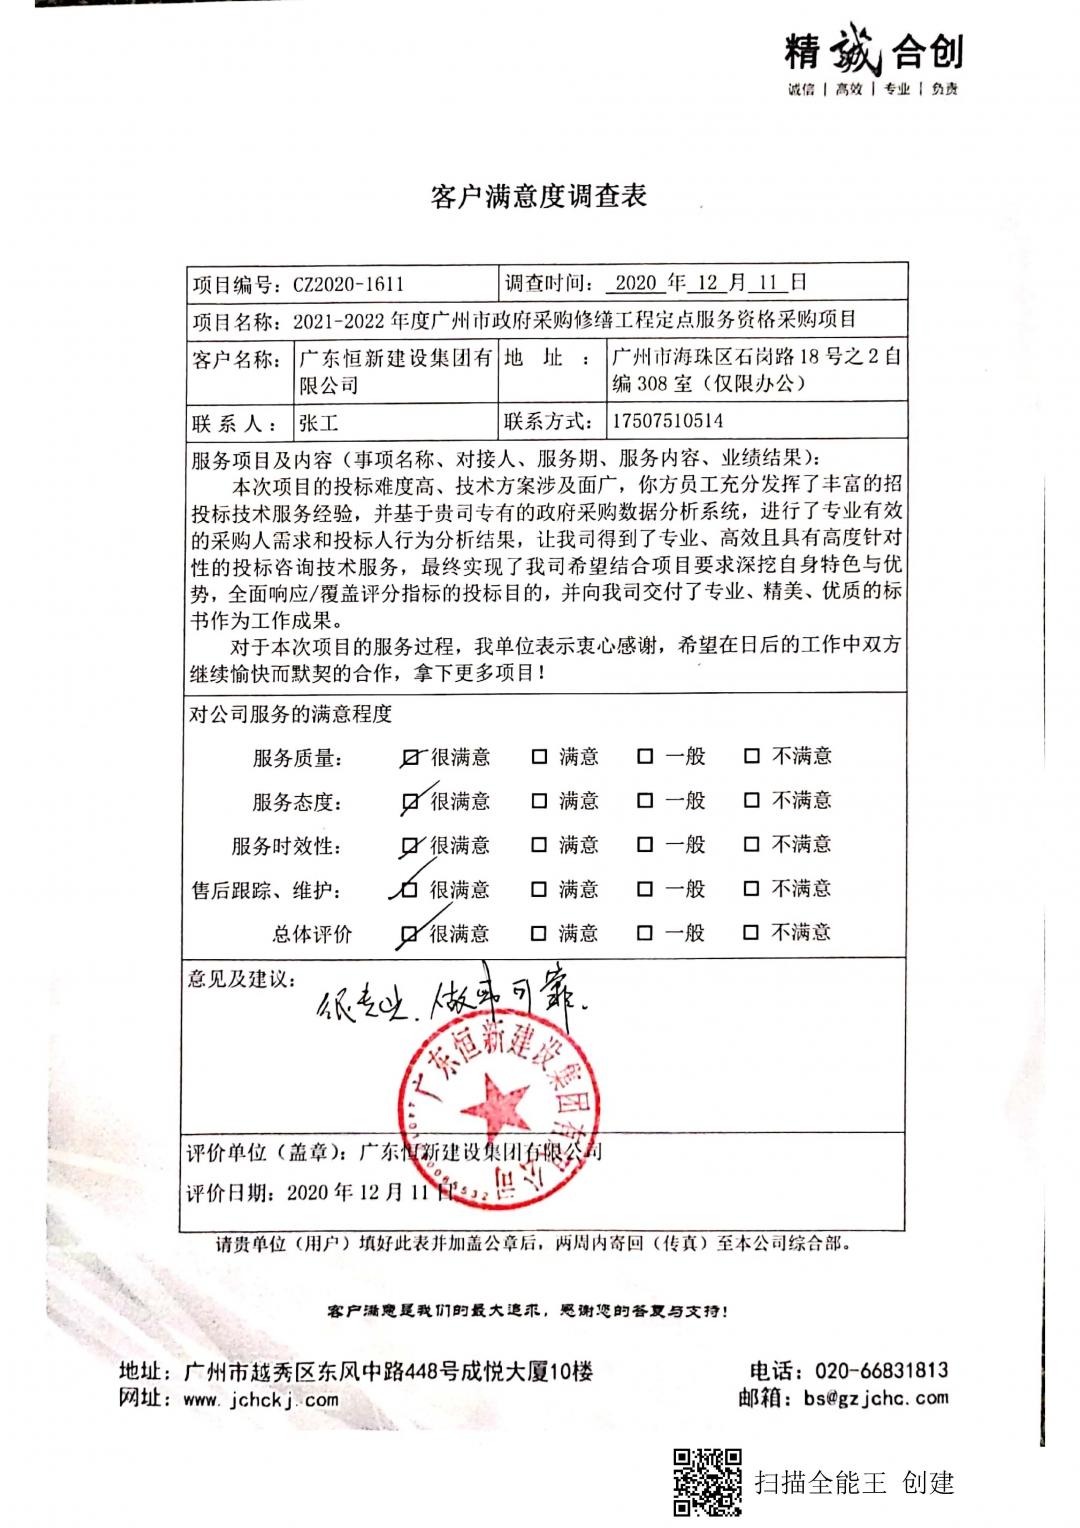 扫描全能王 2020-12-23 11.35_页面_02.jpg